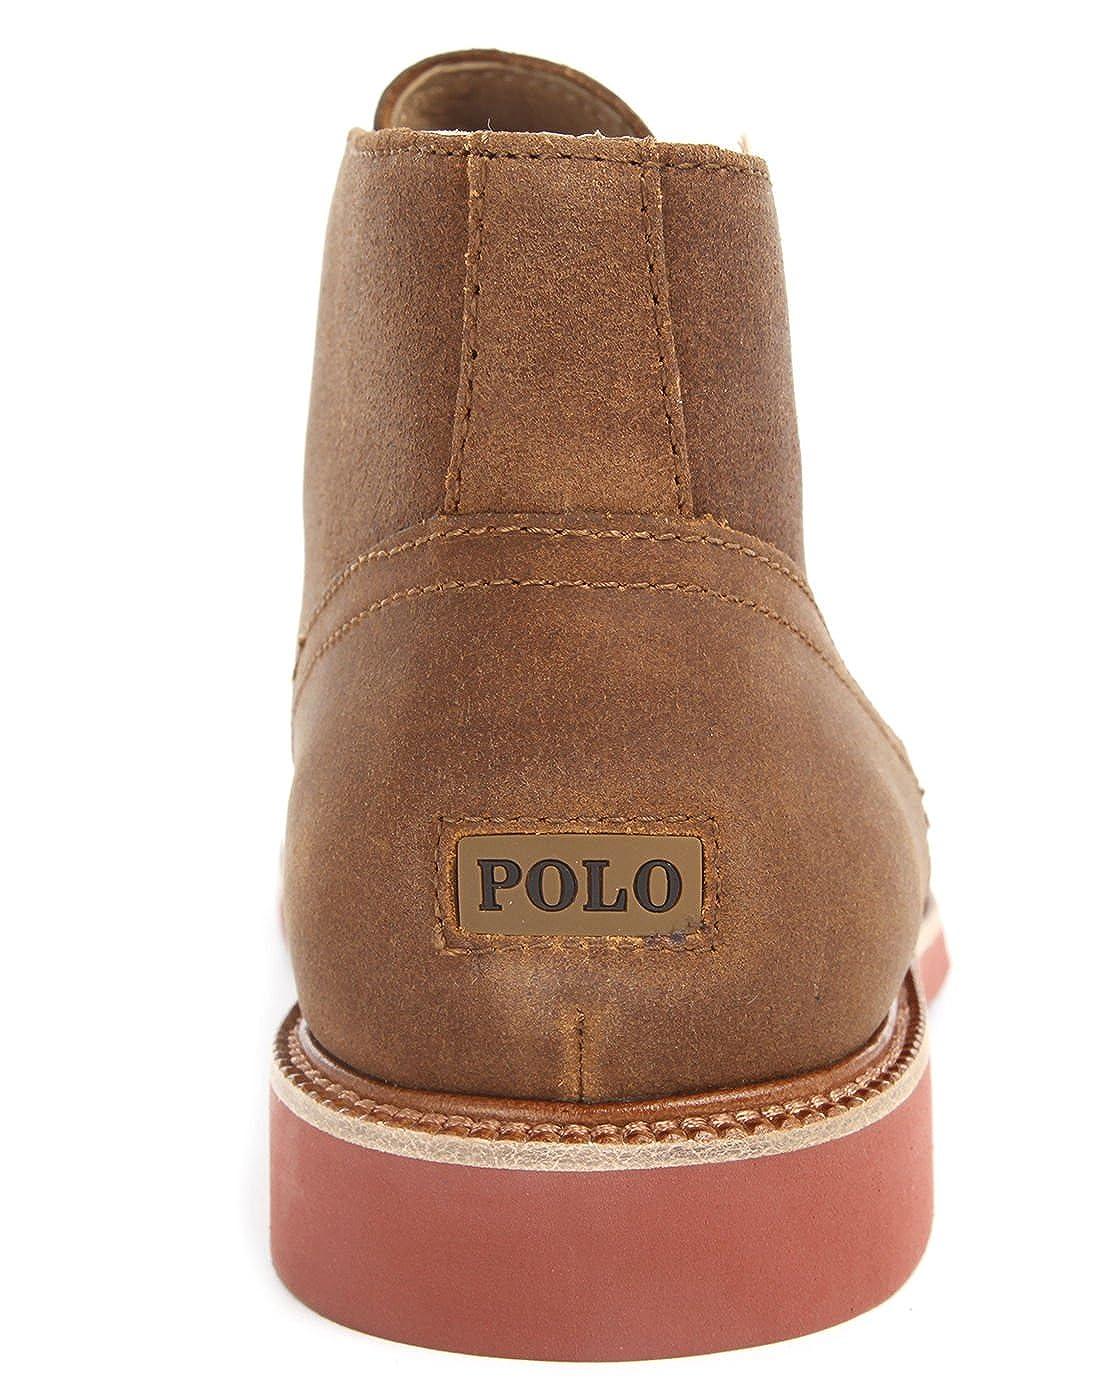 Polo Herren Ralph Lauren , Herren Polo Stiefel 7ca193